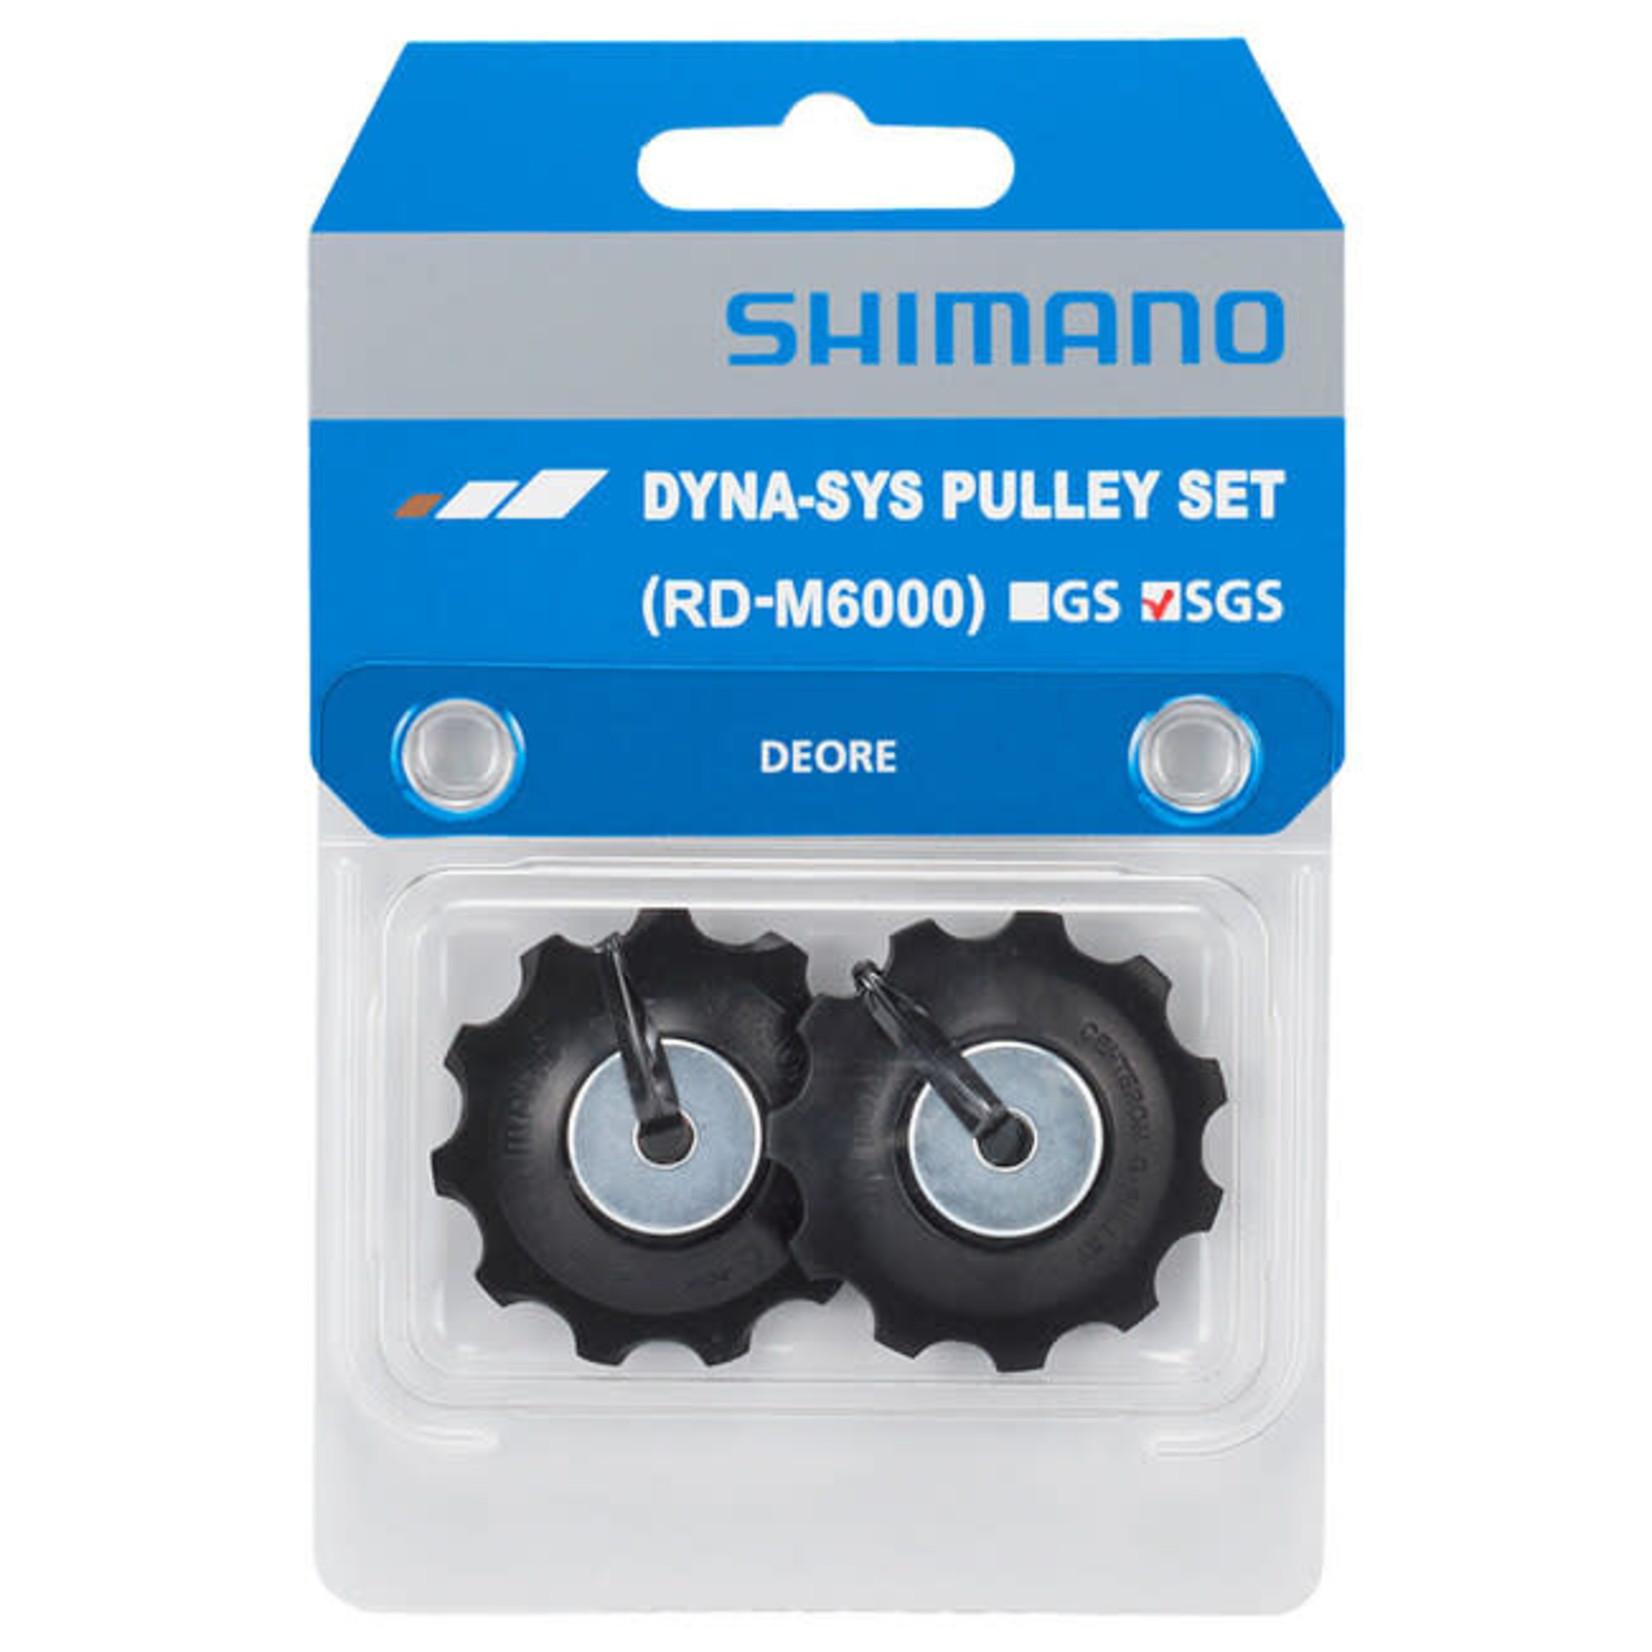 Shimano Shimano Deore RD-M6000-SGS 10-Speed Rear Derailleur Pulley Set